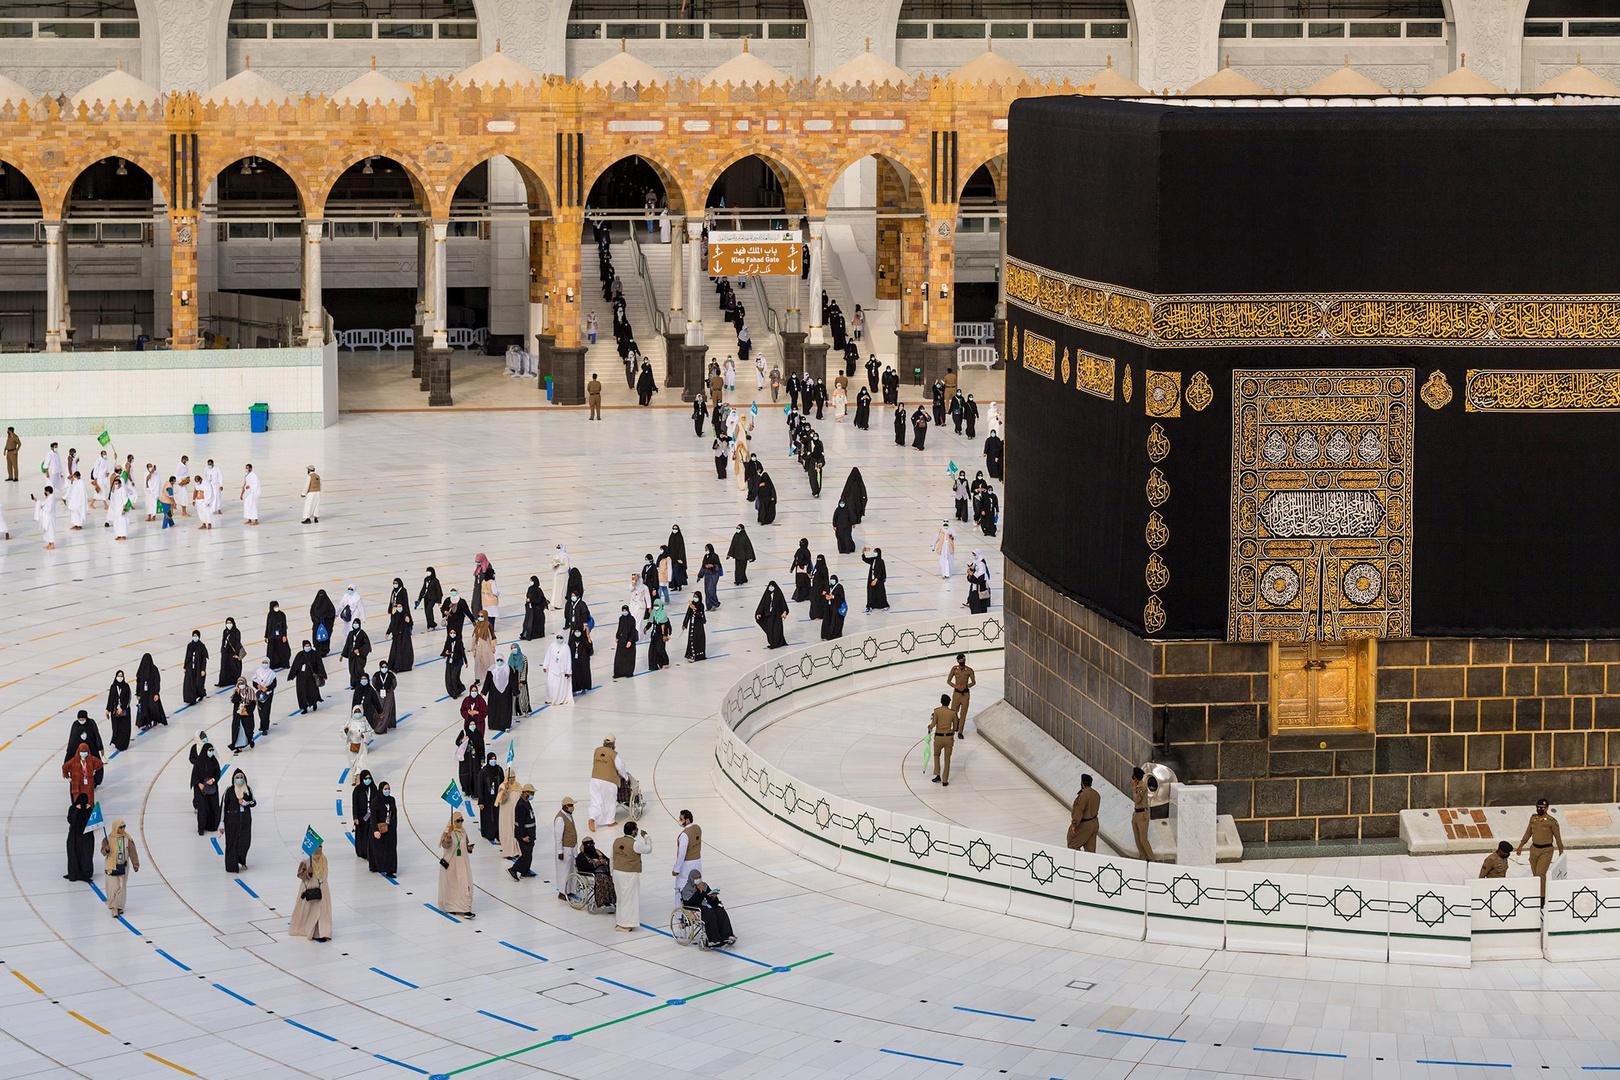 السعودية تعلن عن موعد استقبال المعتمرين وتكشف عن أعدادهم